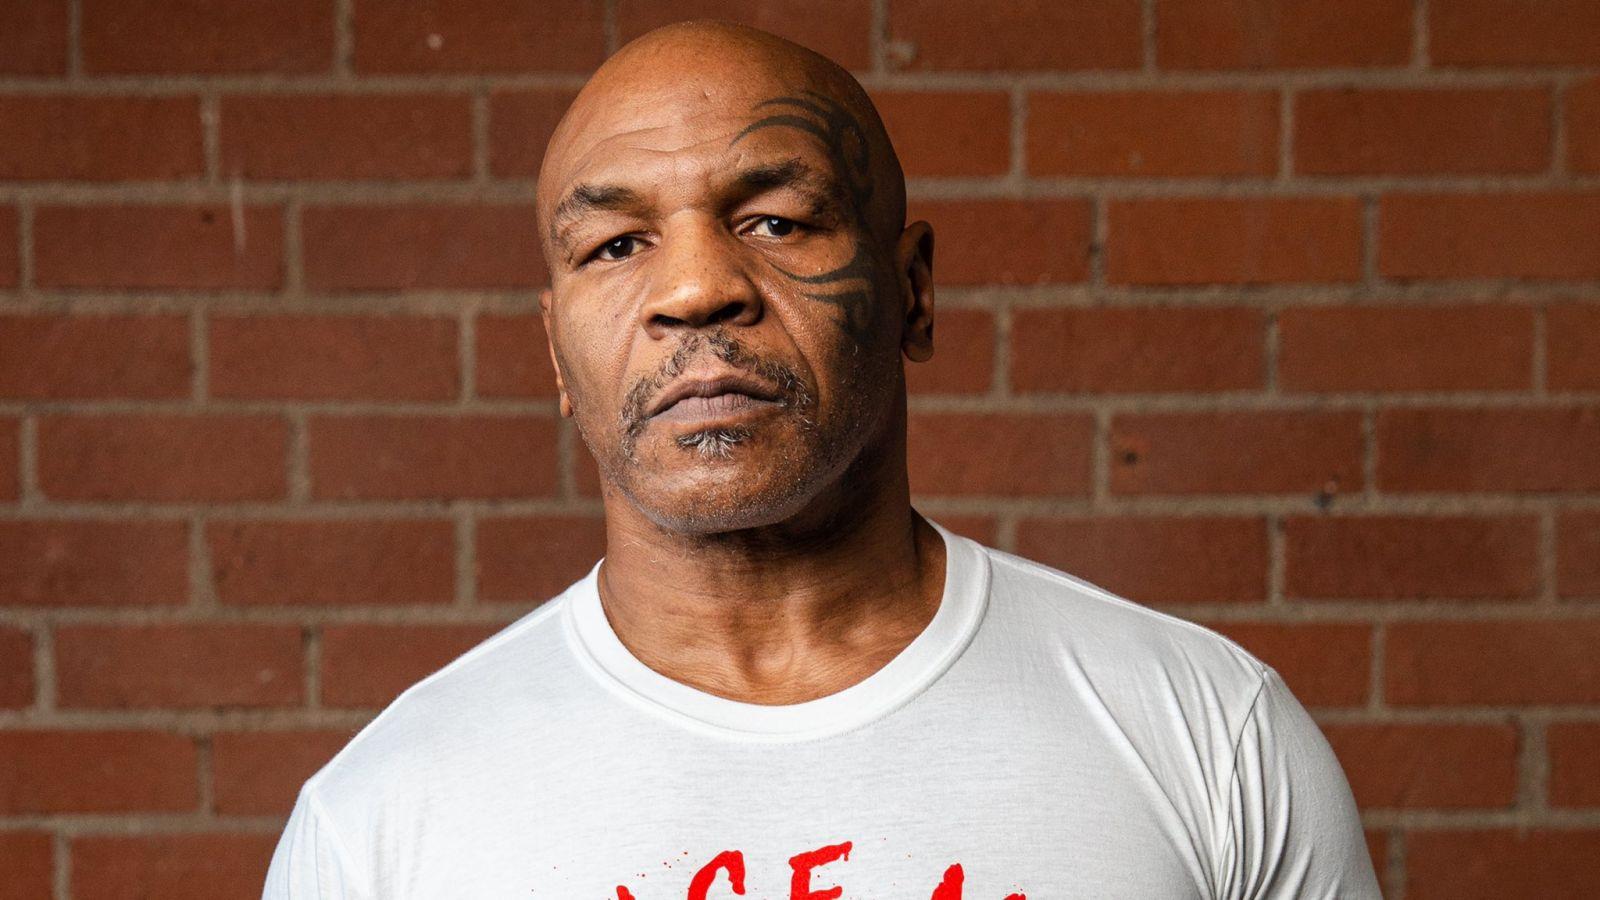 Mike Tyson secara gamblang mengungkapkan alasan di balik banyaknya orang yang ingin menghabisi nyawa Youtuber Logan Paul dan Jake Paul bersaudara. (foto: instagram.com/miketyson)